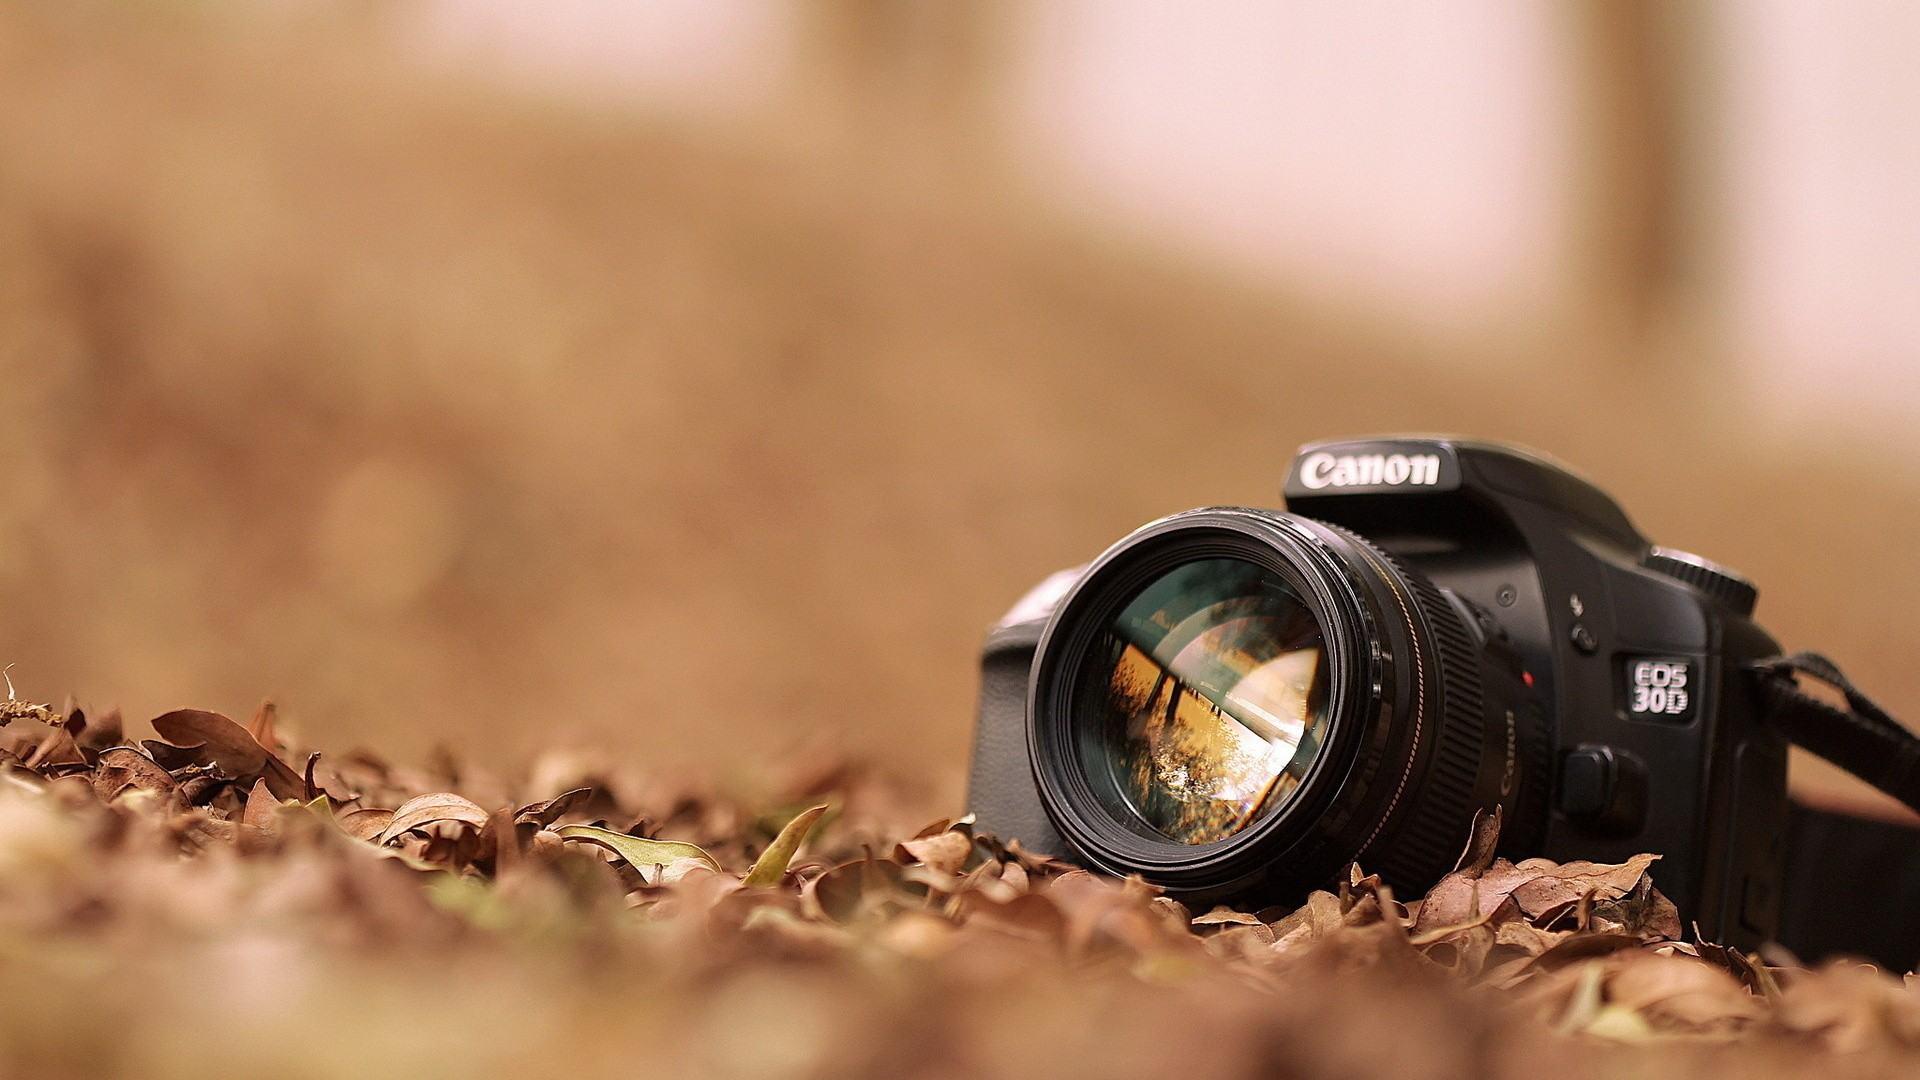 Tìm việc chụp ảnh bán thời gian tại hà nội 1